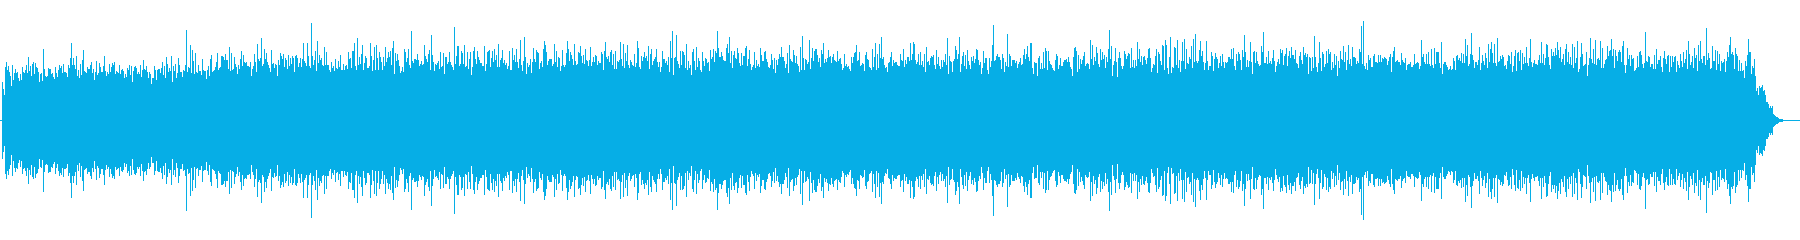 フードプロセッサー(オン、実行、オフ)の再生済みの波形